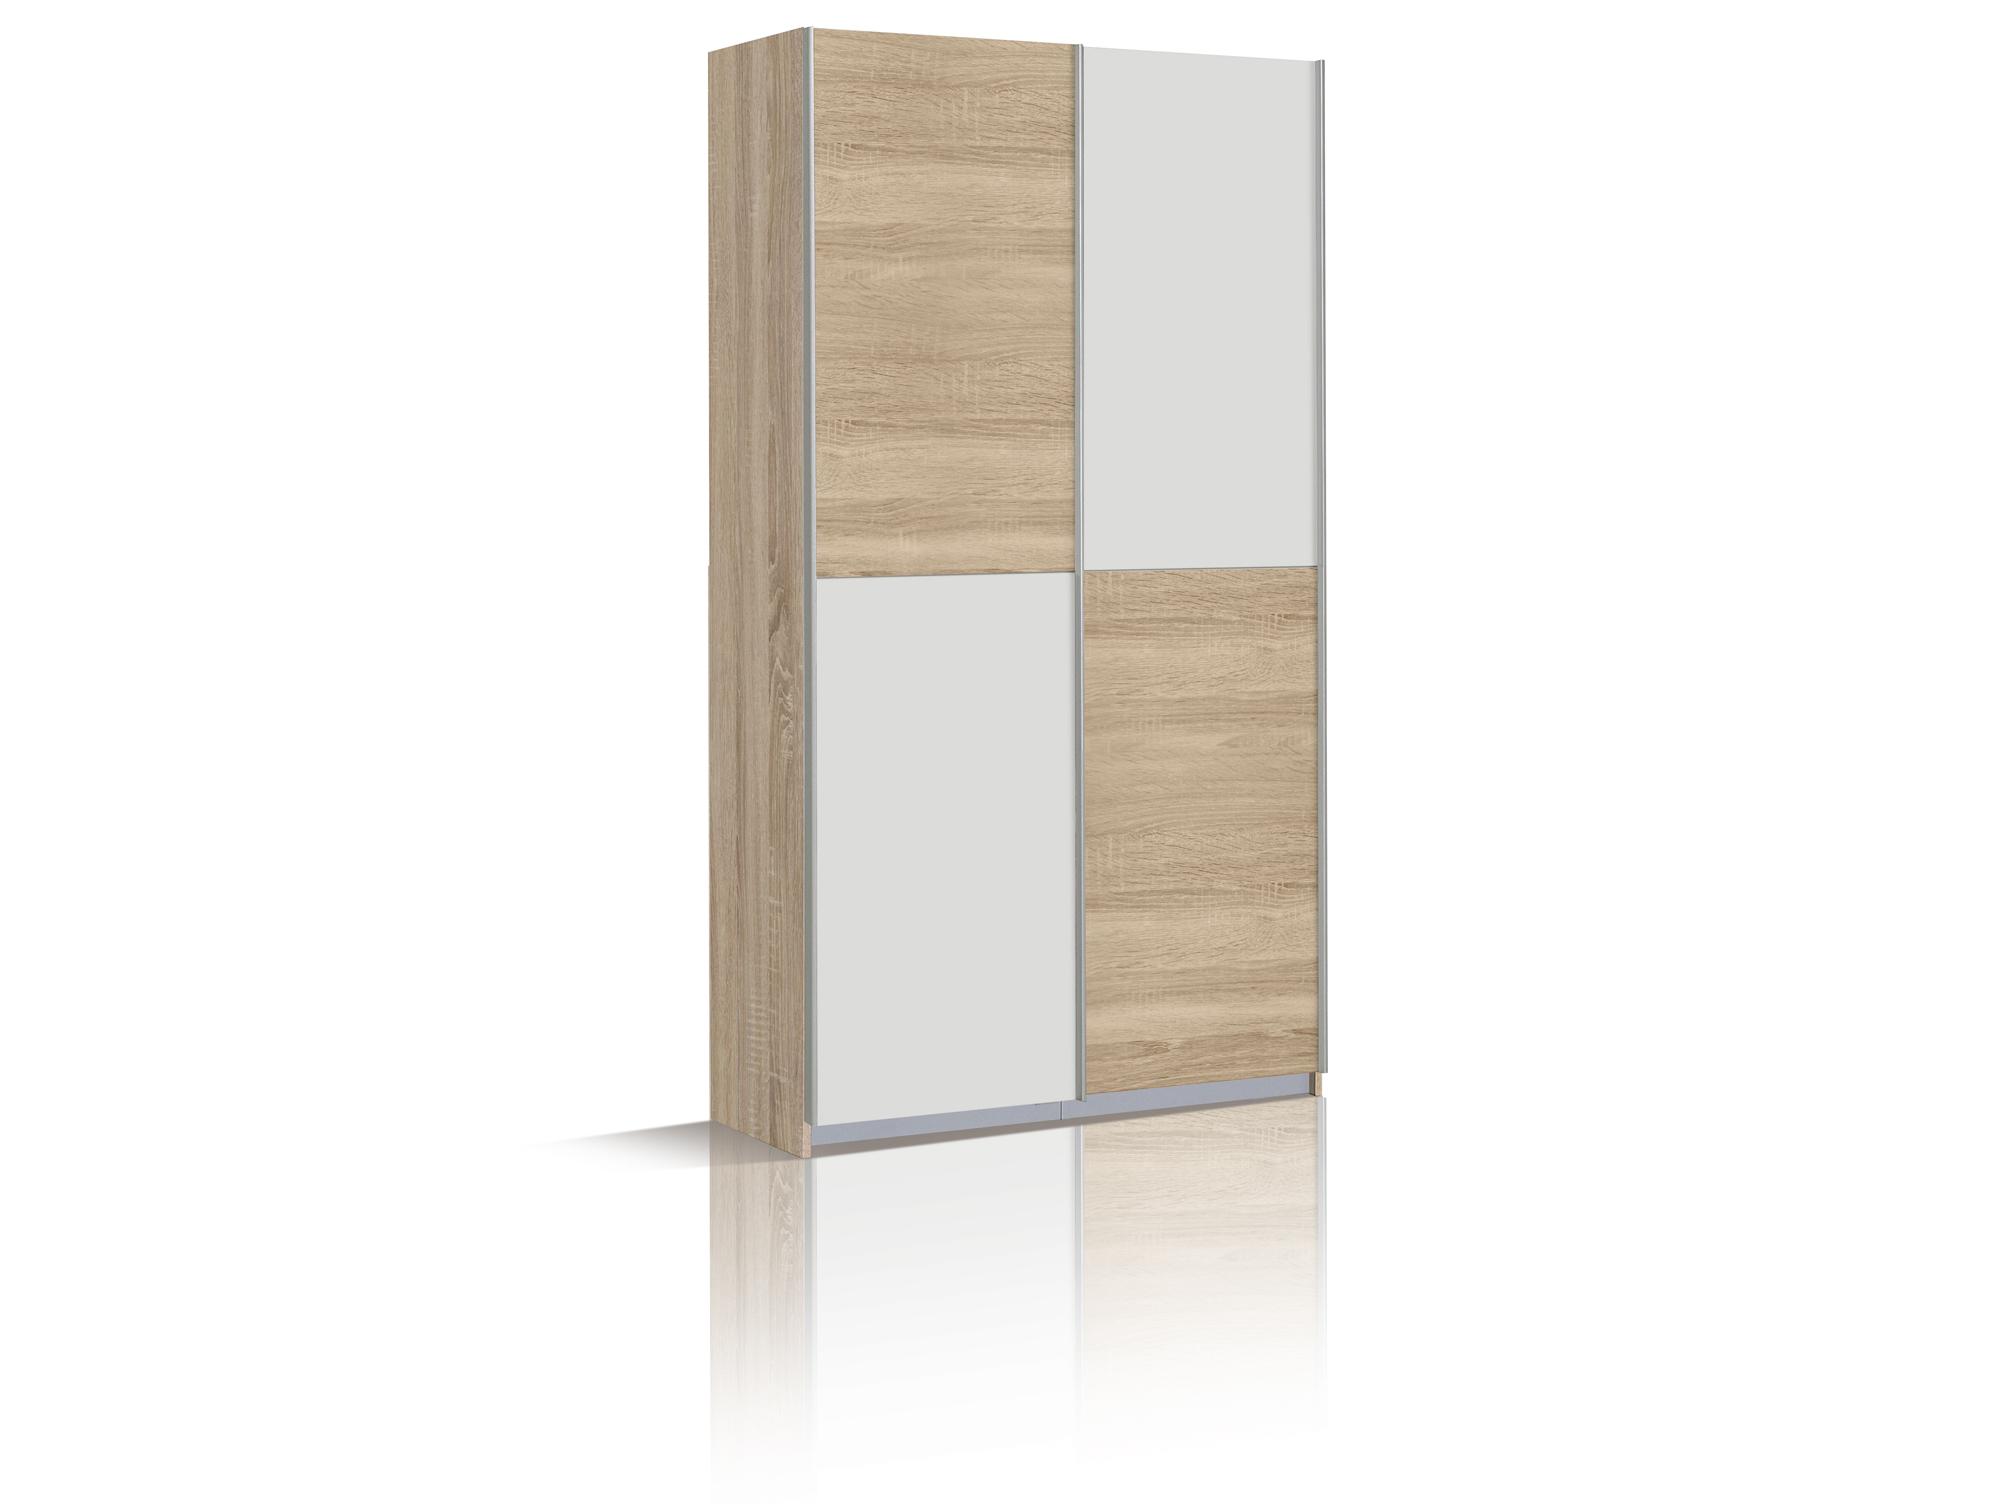 oreno mehrzweckschrank kleiderschrank eiche sonoma weiss. Black Bedroom Furniture Sets. Home Design Ideas